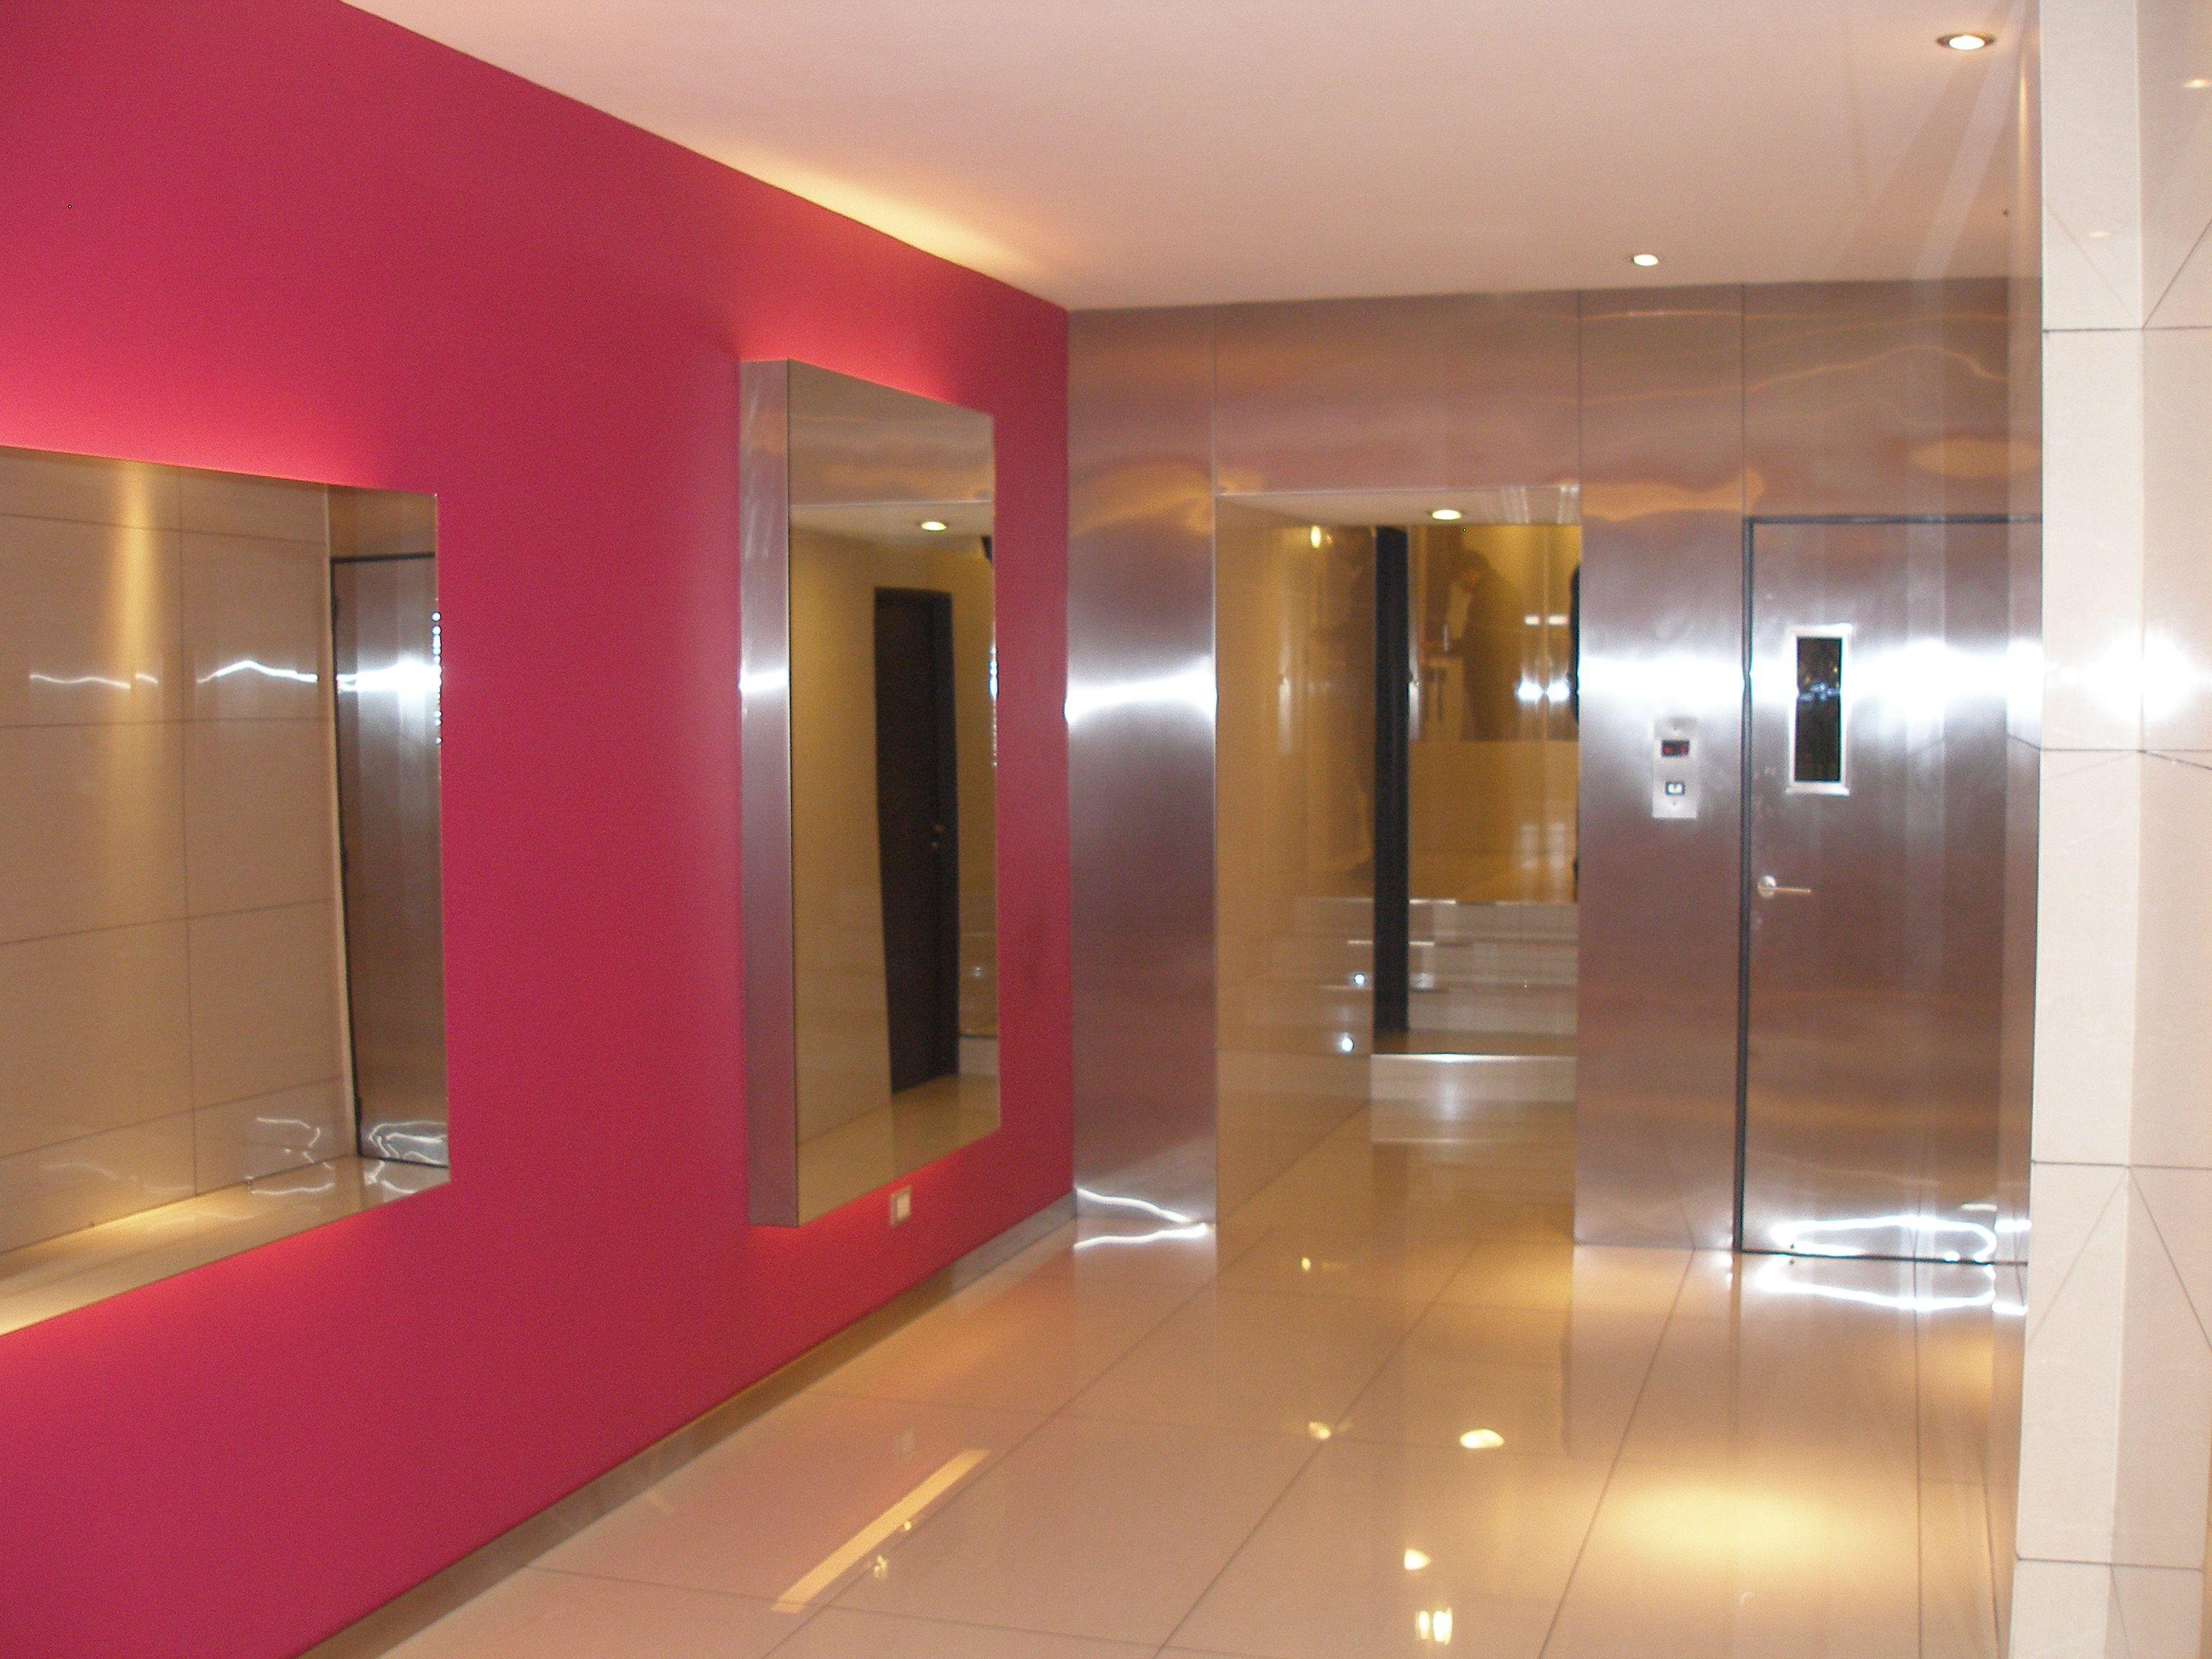 Dise o hall de entrada edificio residencial buenos aires - Decoracion hall entrada ...